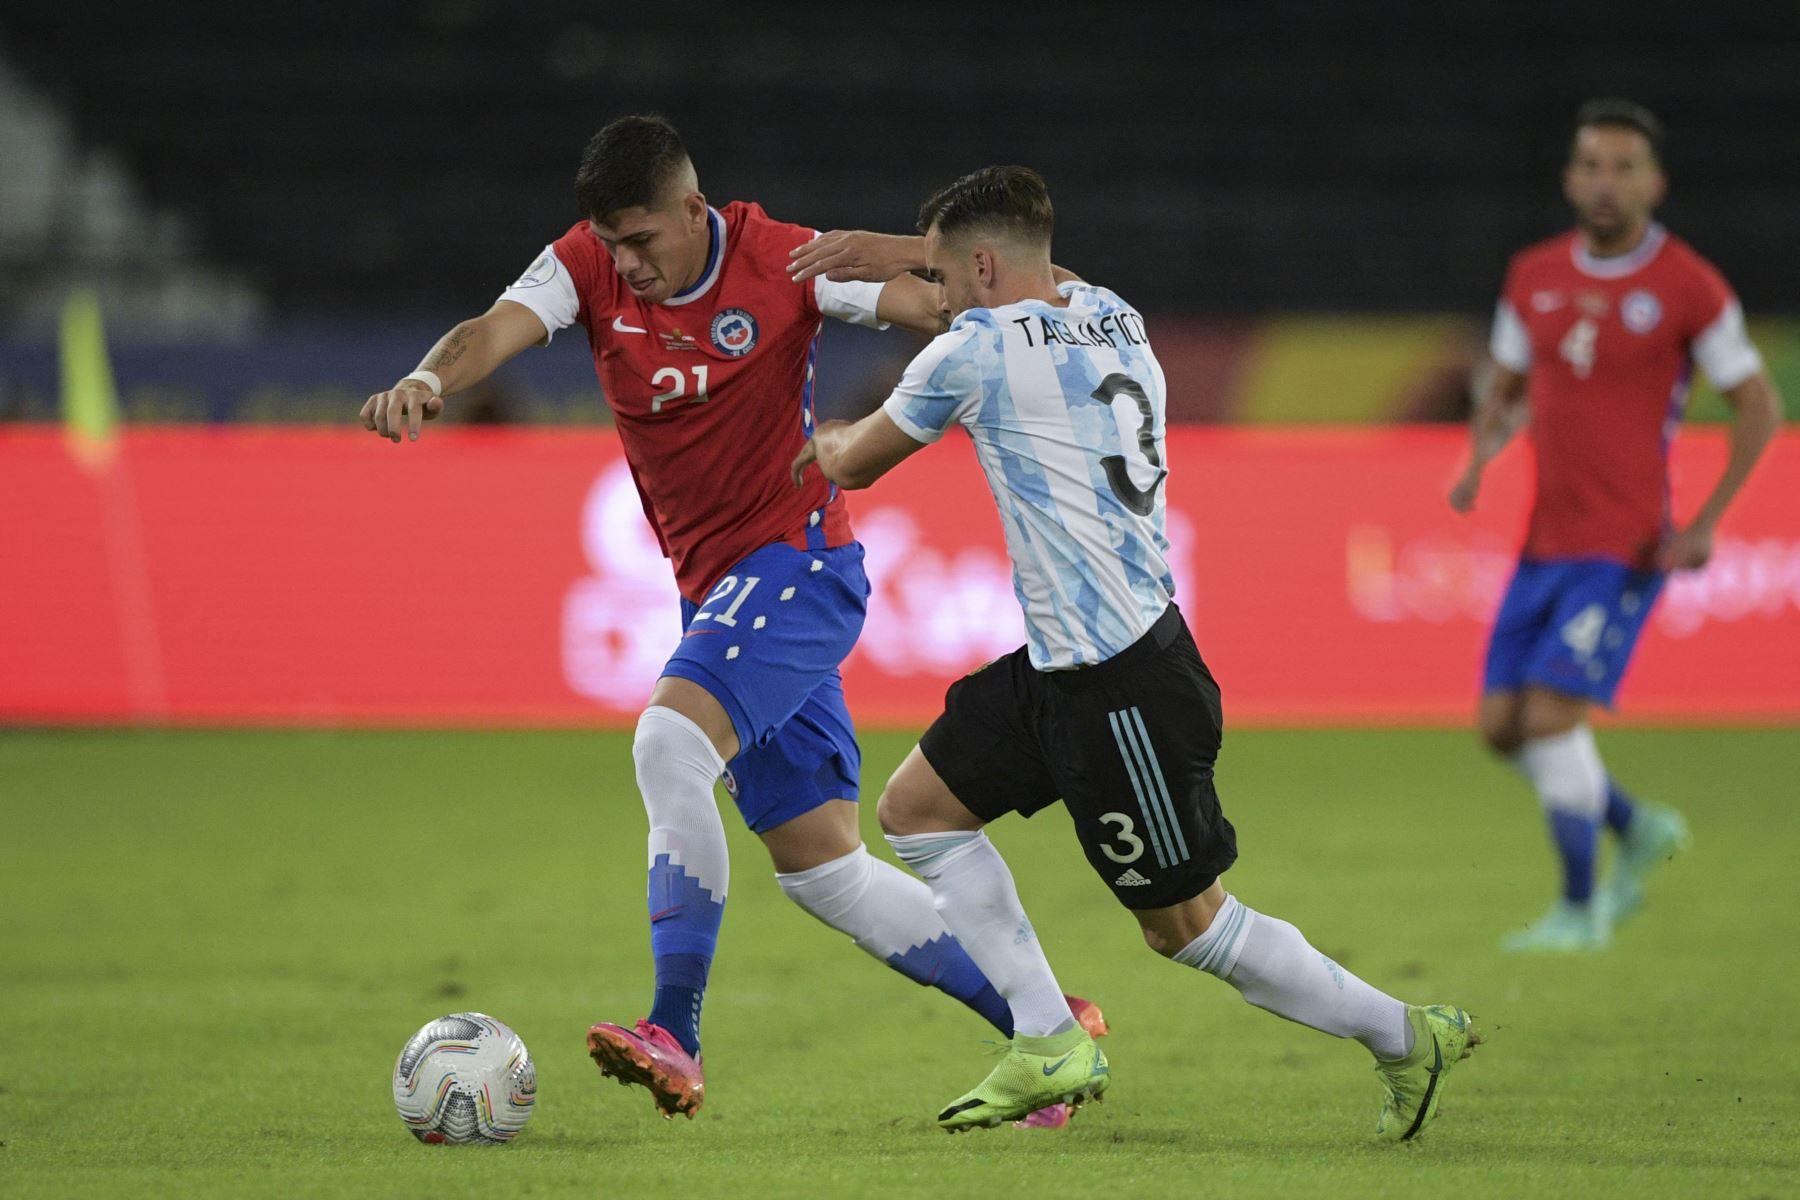 El chileno Carlos Palacios y el argentino Nicolás Tagliafico compiten por el balón durante el partido de la fase de grupos del torneo de fútbol Conmebol Copa América 2021 en el Estadio Nilton Santos en Río de Janeiro, Brasil. Foto: AFP